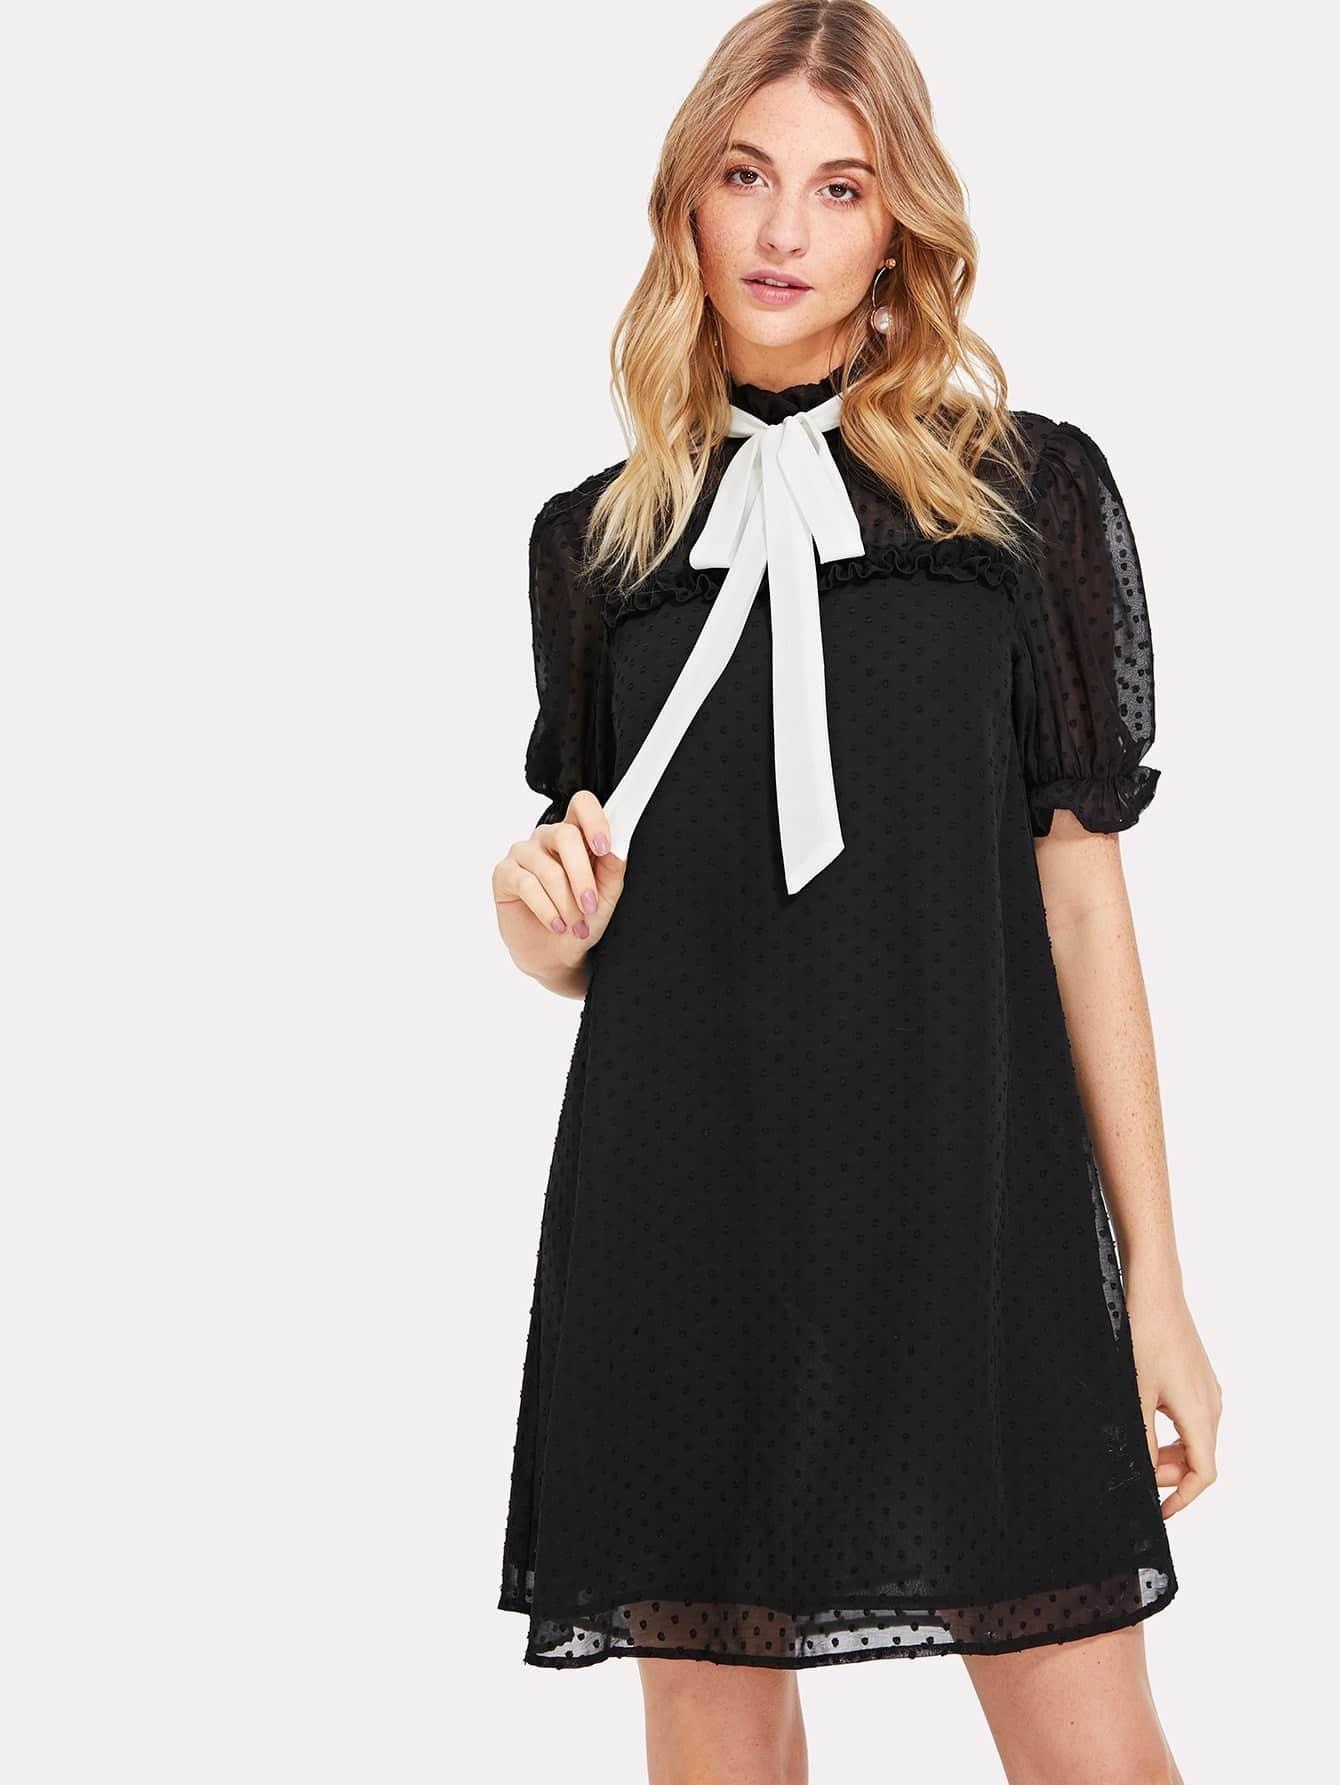 Contrast Tie Neck Frill Trim Jacquard Dress contrast tie neck faux pocket tweed dress